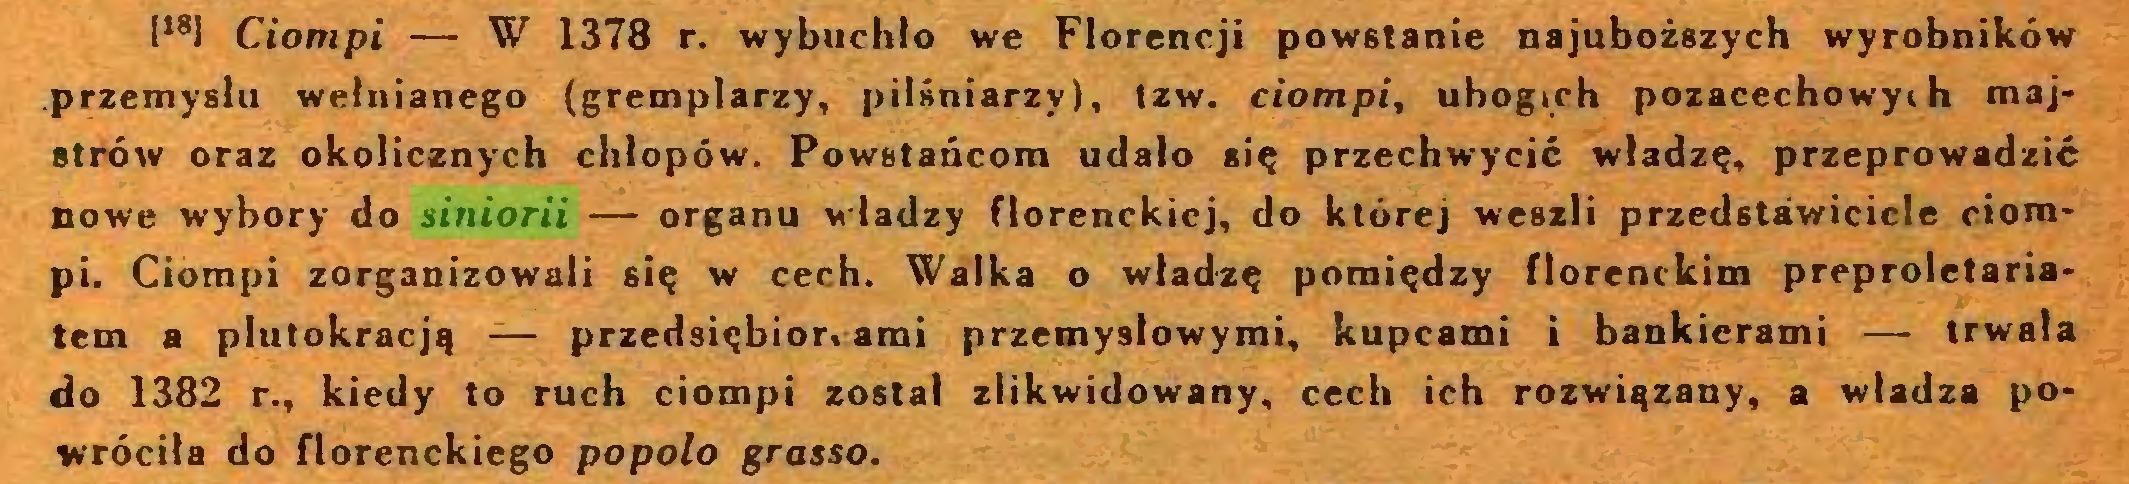 (...) I,81 Ciompi — W 1378 r. wybuchło we Florencji powstanie najuboższych wyrobników przemysłu wełnianego (gremplarzy, pilśniarzy), tzw. ciompi, ubogich pozacechowyi h majstrów oraz okolicznych chłopów. Powstańcom udało się przechwycić władzę, przeprowadzić nowe wybory do siniorii — organu władzy florenckiej, do której weszli przedstawiciele ciompi. Ciompi zorganizowali się w cech. Walka o władzę pomiędzy florenckim preproletariatem a plutokracją — przedsiębiorcami przemysłowymi, kupcami i bankierami — trwała do 1382 r., kiedy to ruch ciompi został zlikwidowany, cech ich rozwiązany, a władza powróciła do florenckiego popolo grasso...